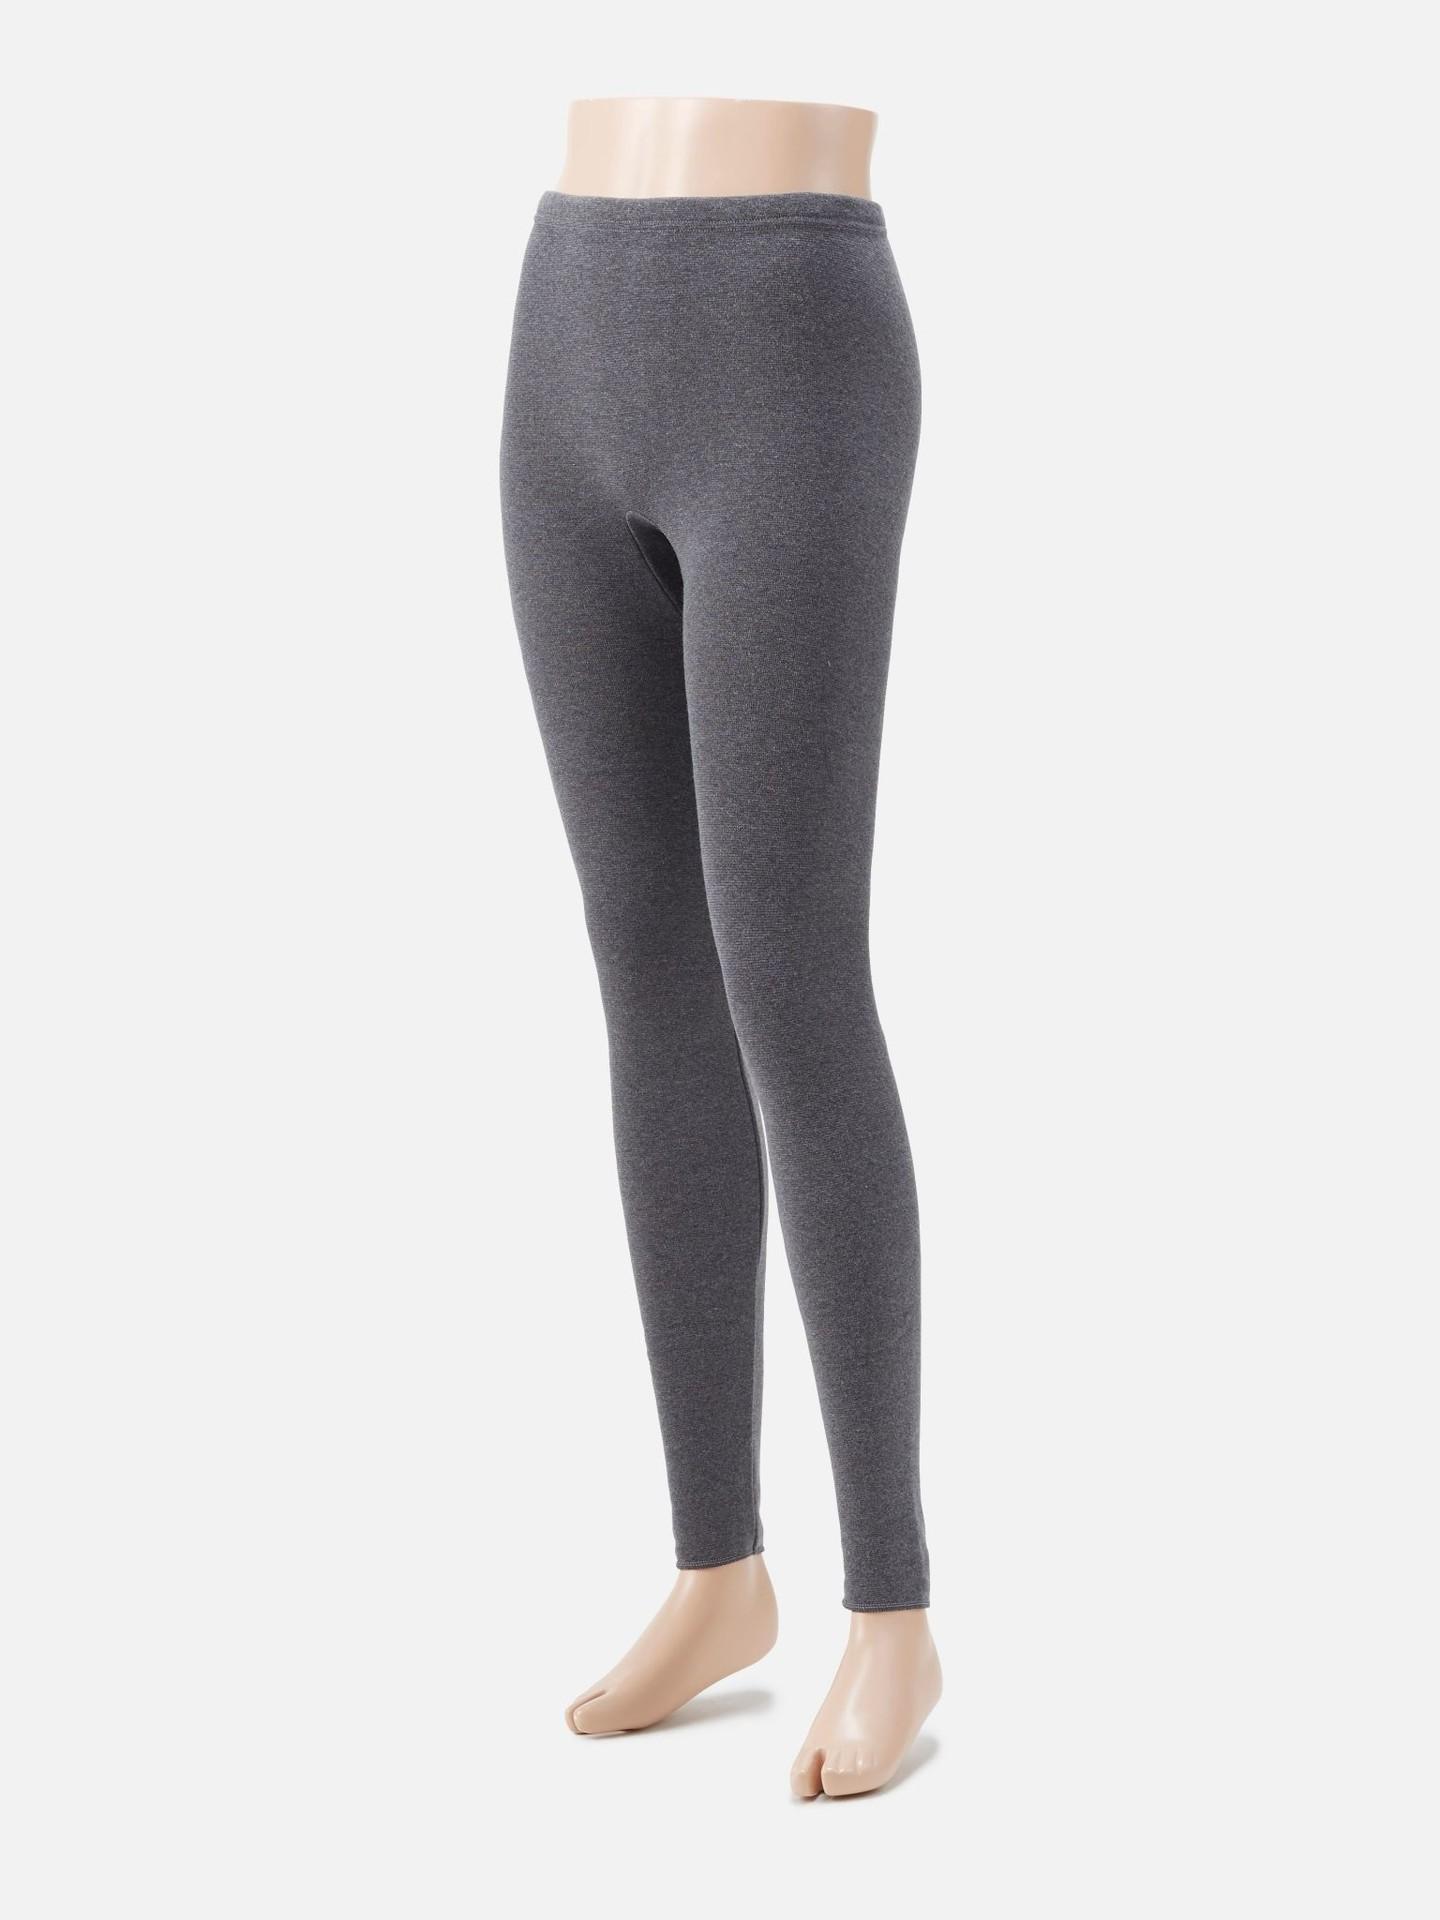 Microfibre leggings